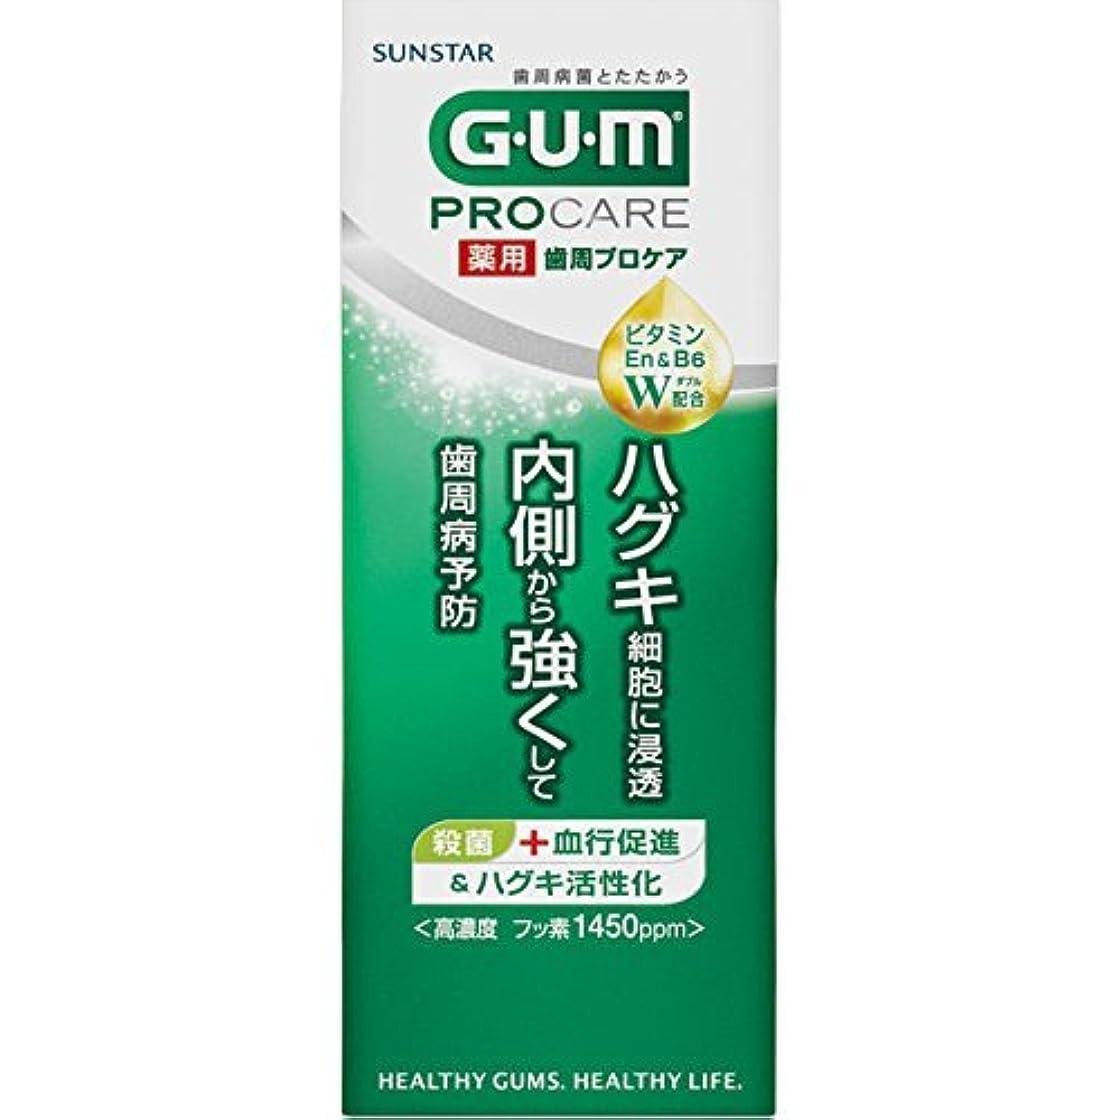 アメリカ睡眠エチケット[医薬部外品] GUM(ガム) 歯周プロケア 歯みがき ミニサイズ トライアル 50g <歯周病予防 ハグキケア 高濃度フッ素配合 1450ppm>